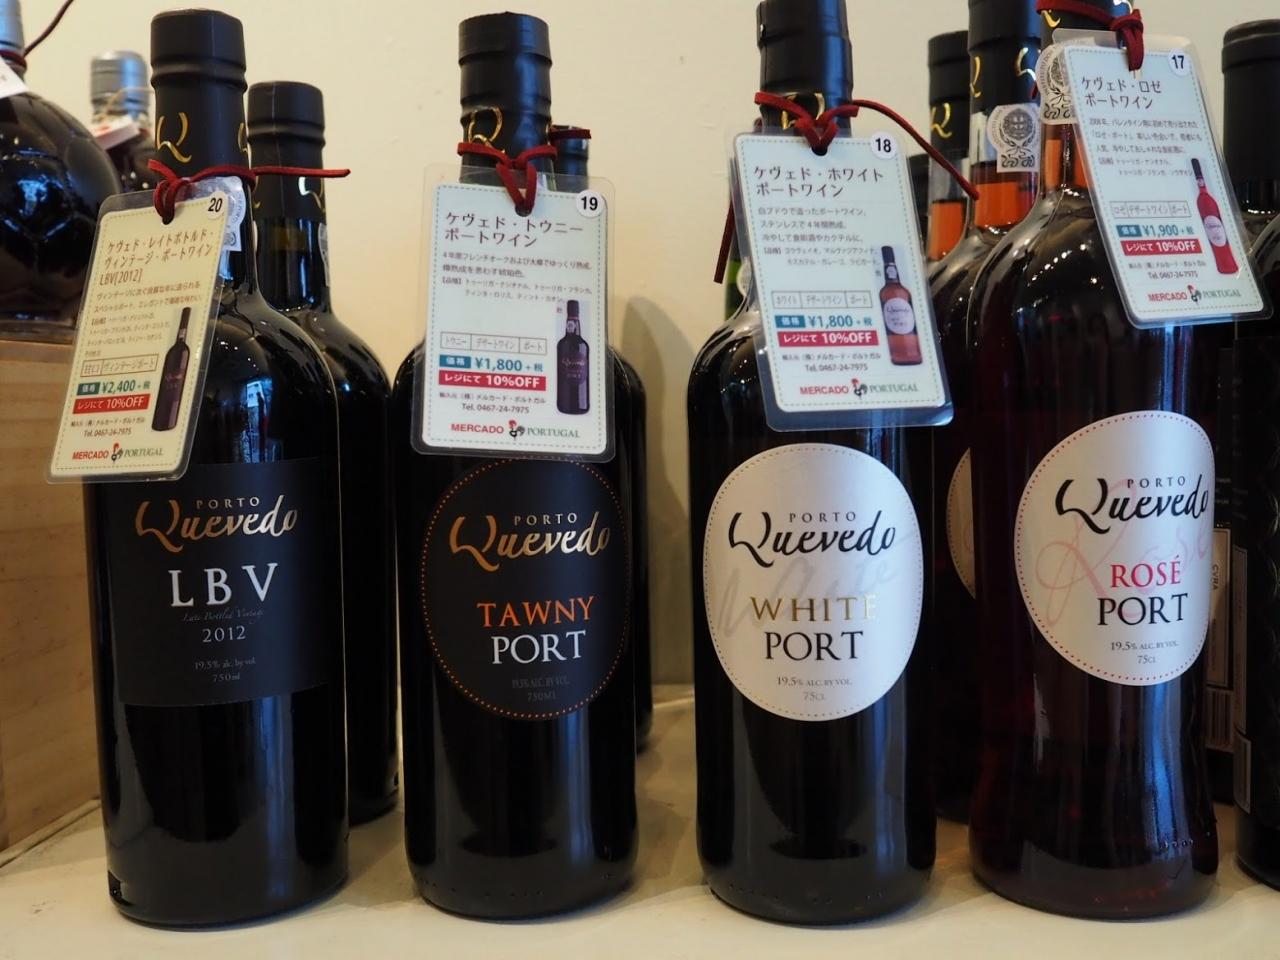 リラックスタイムの極上ワインといえばポートワイン。通な方に、特に人気のようです。